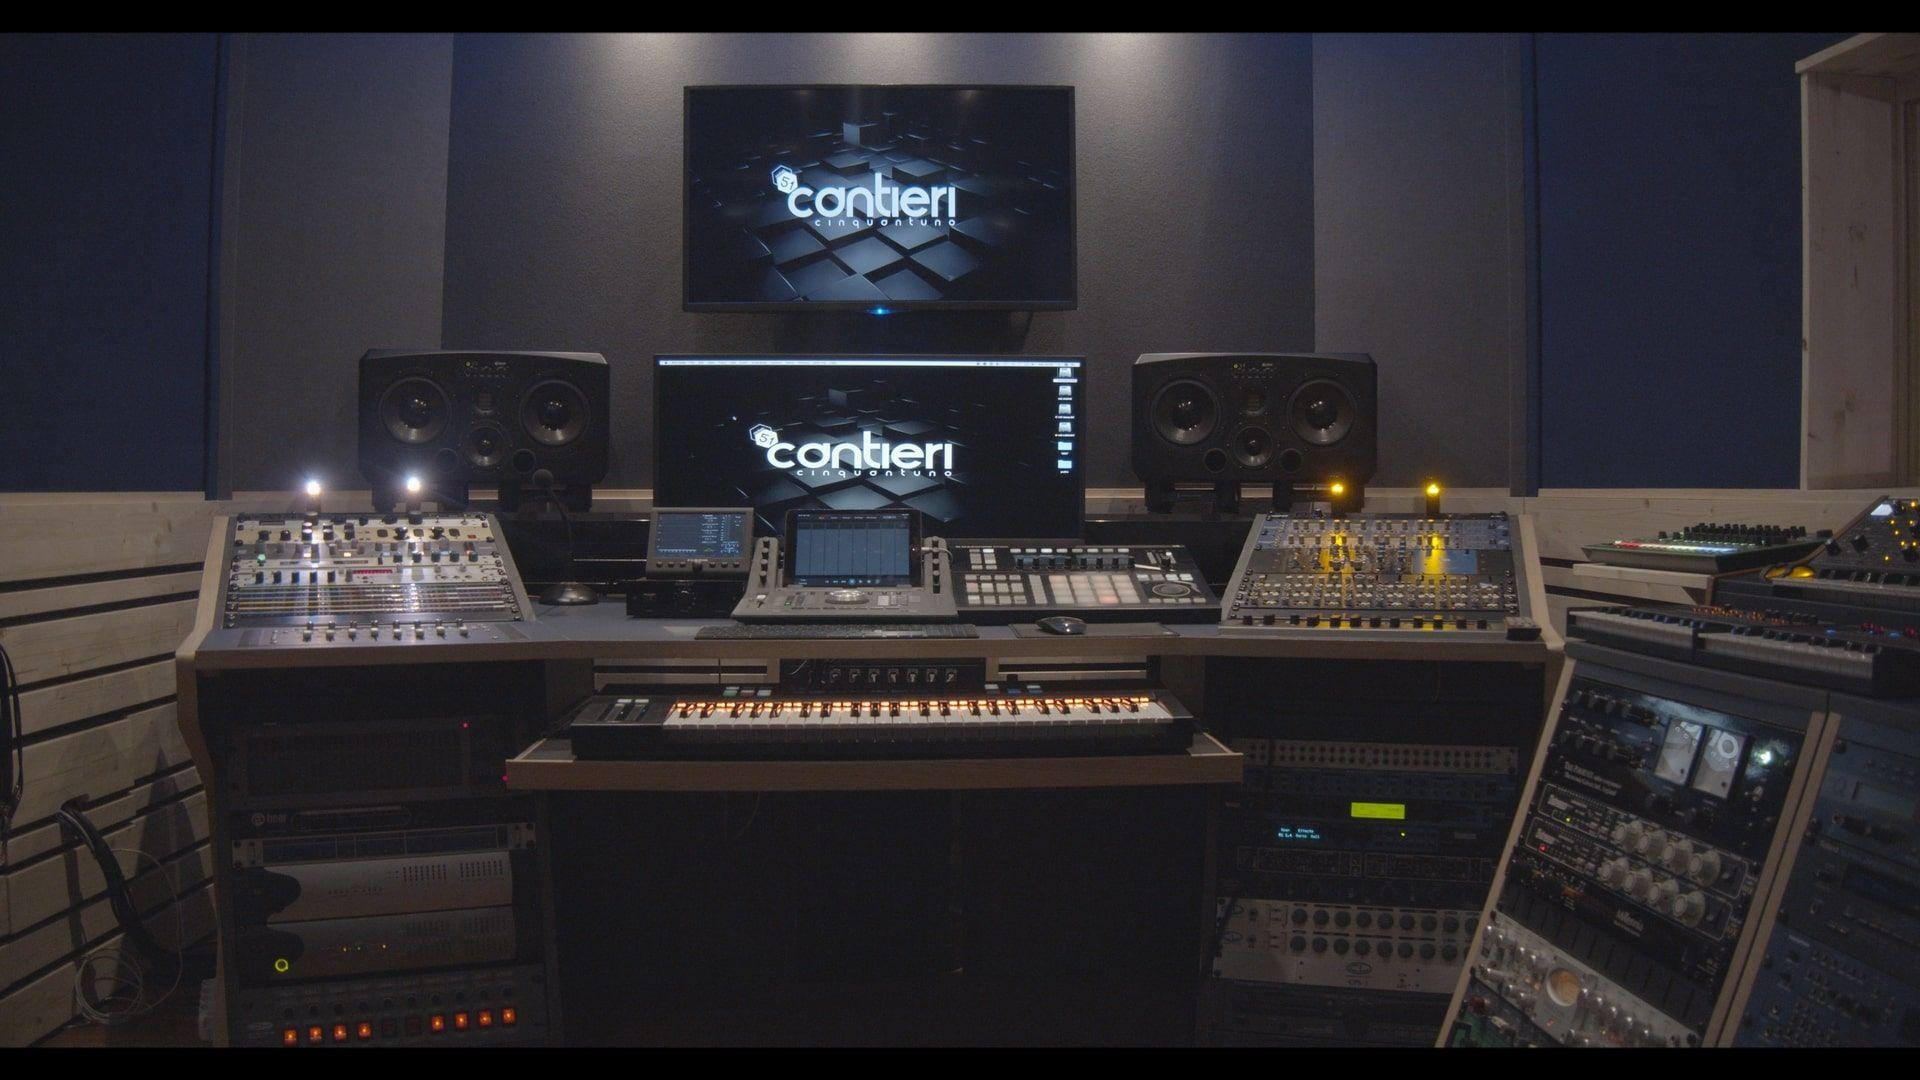 Trattamento acustico custom Studio di registrazione